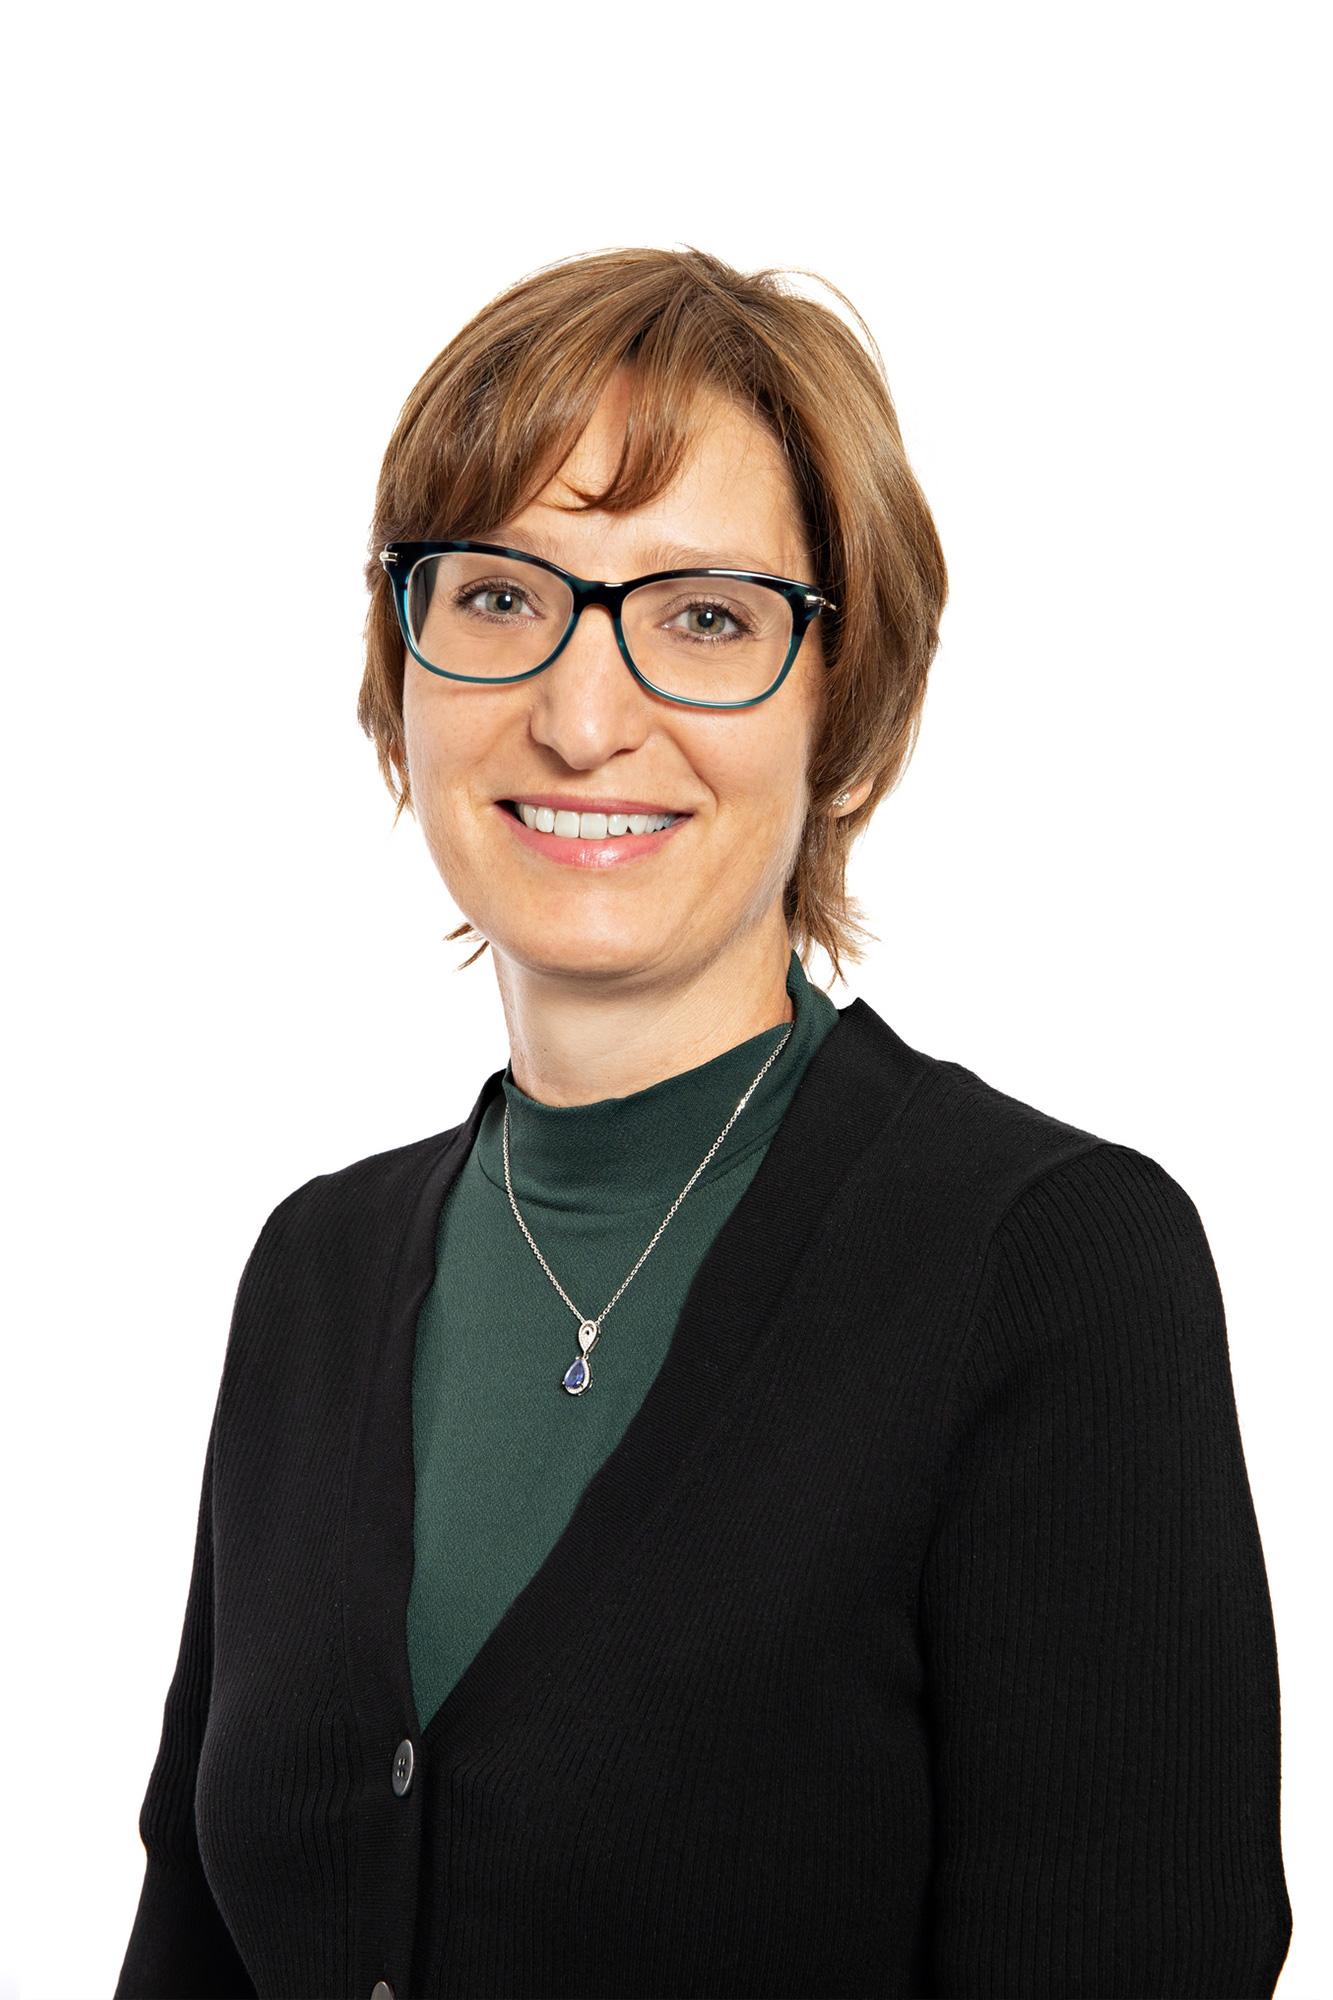 Cathie Lewis